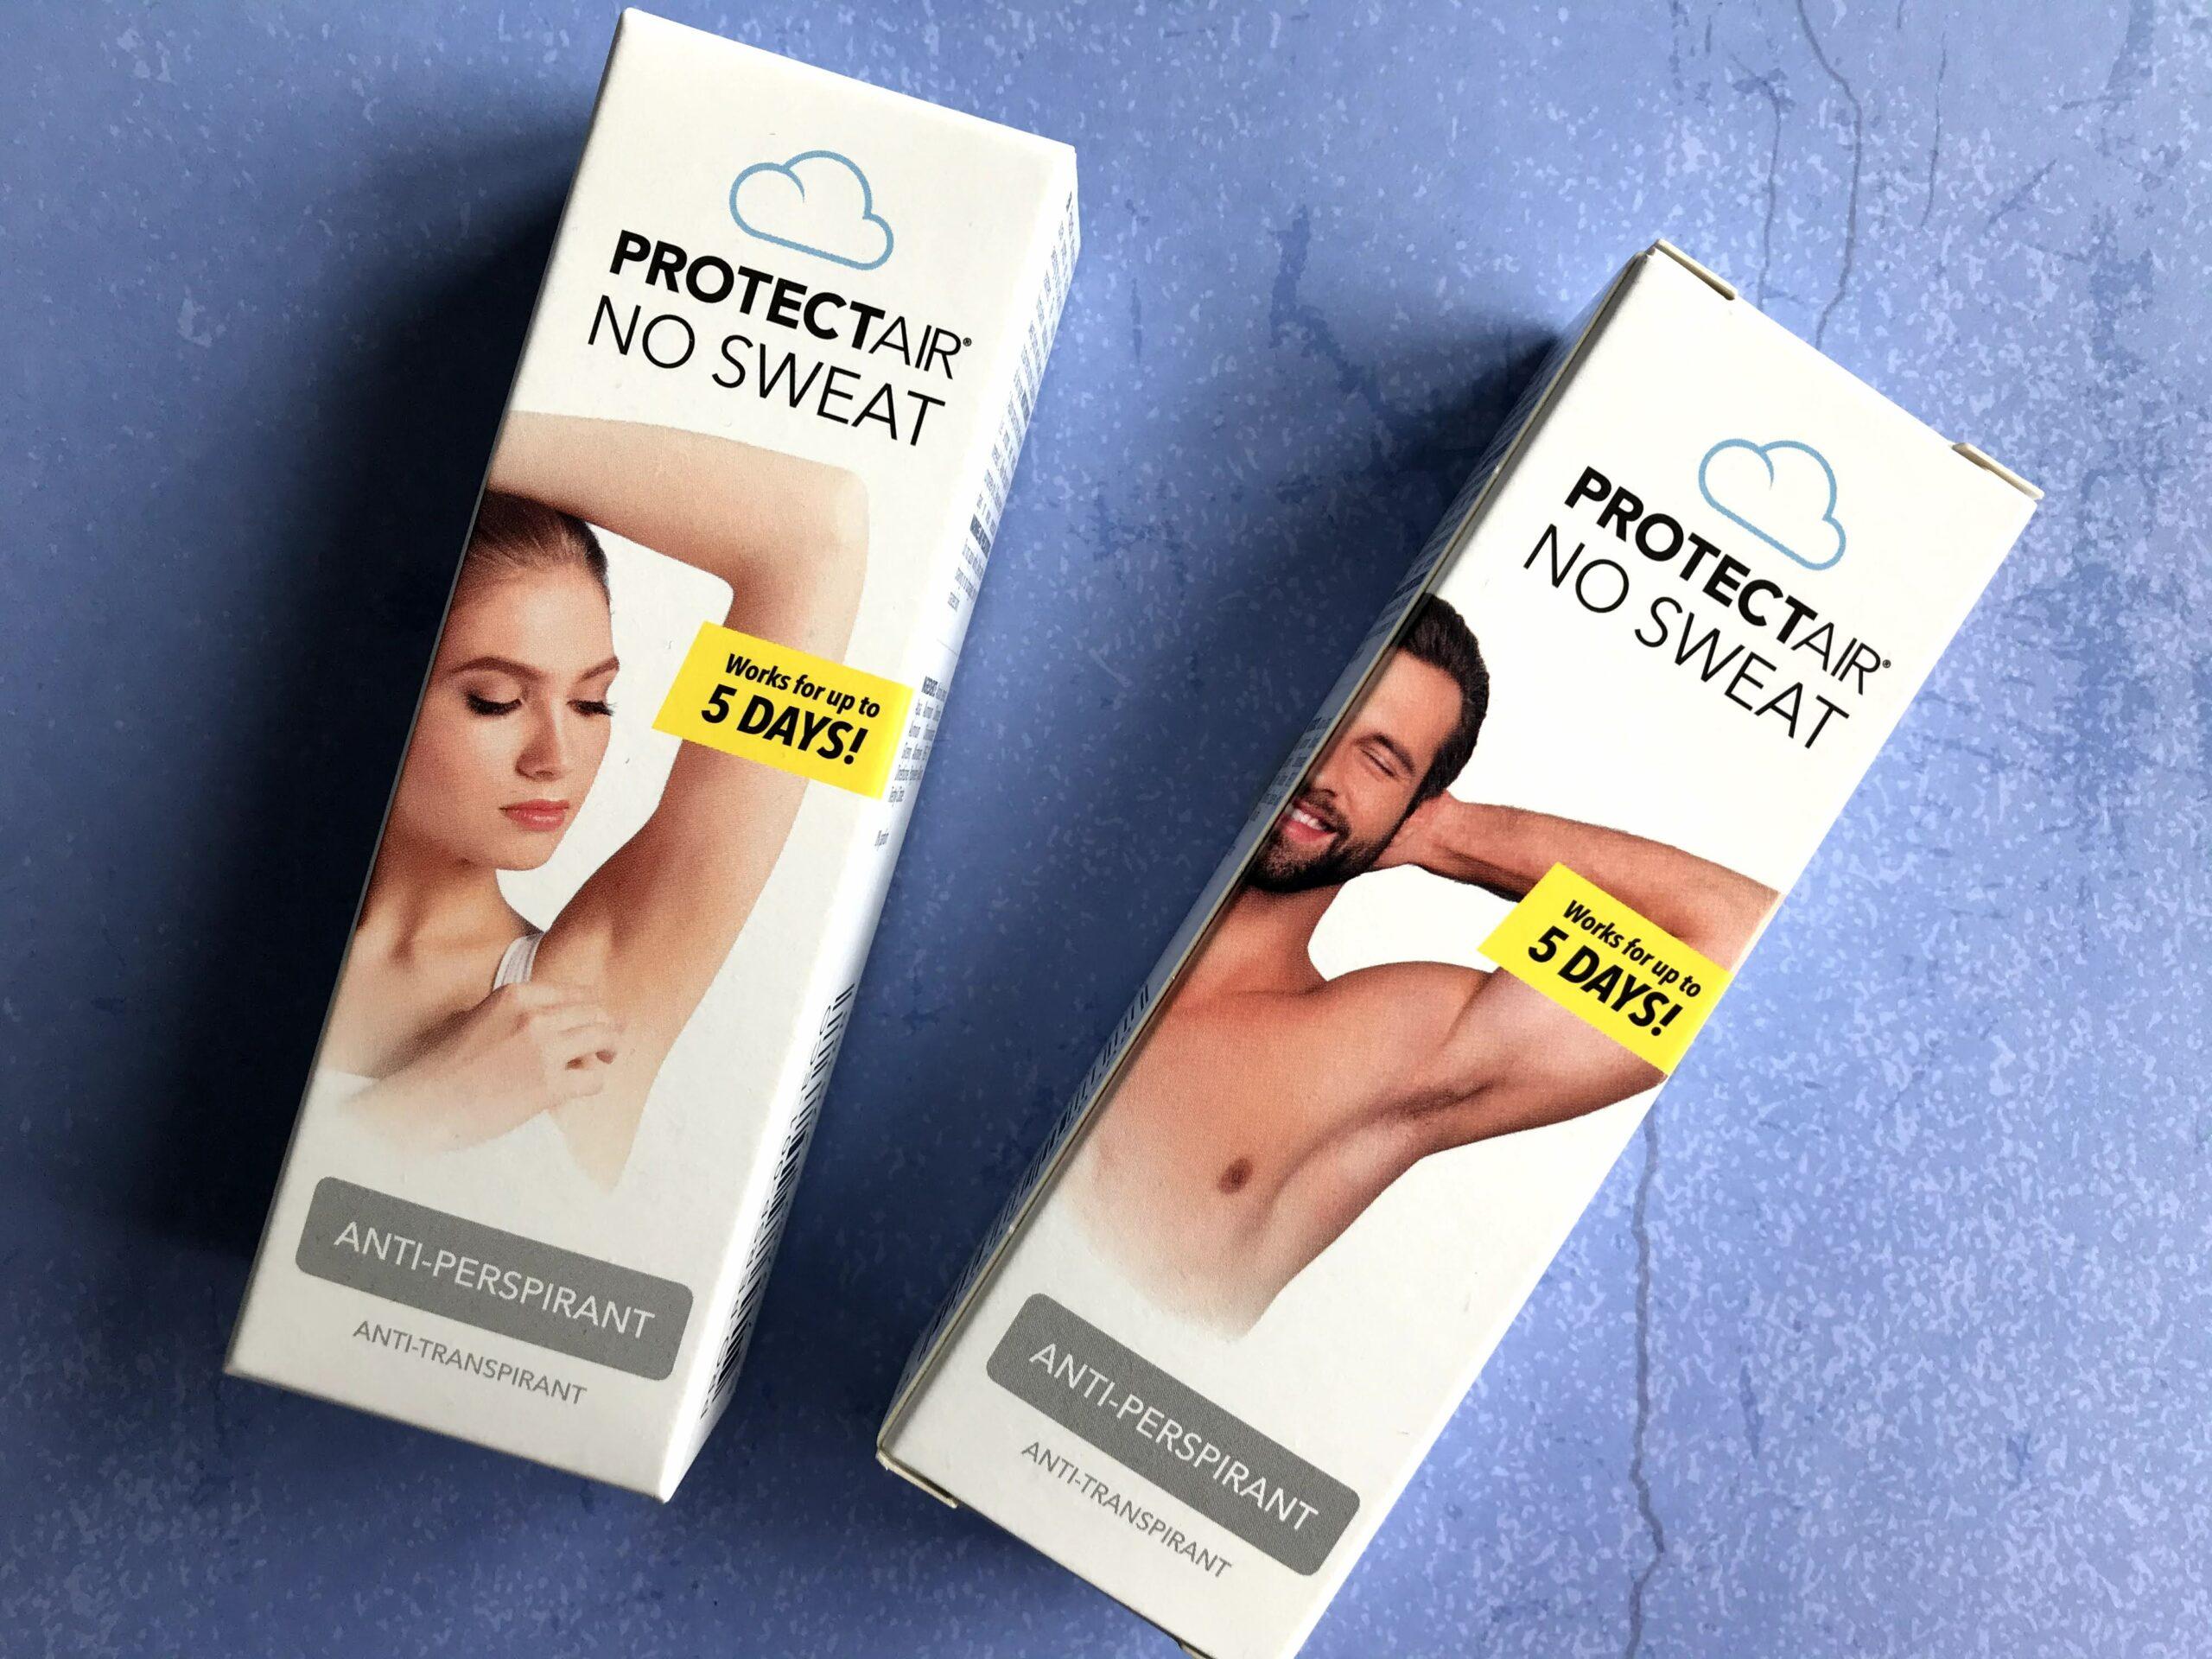 protectair anti transpirant spray